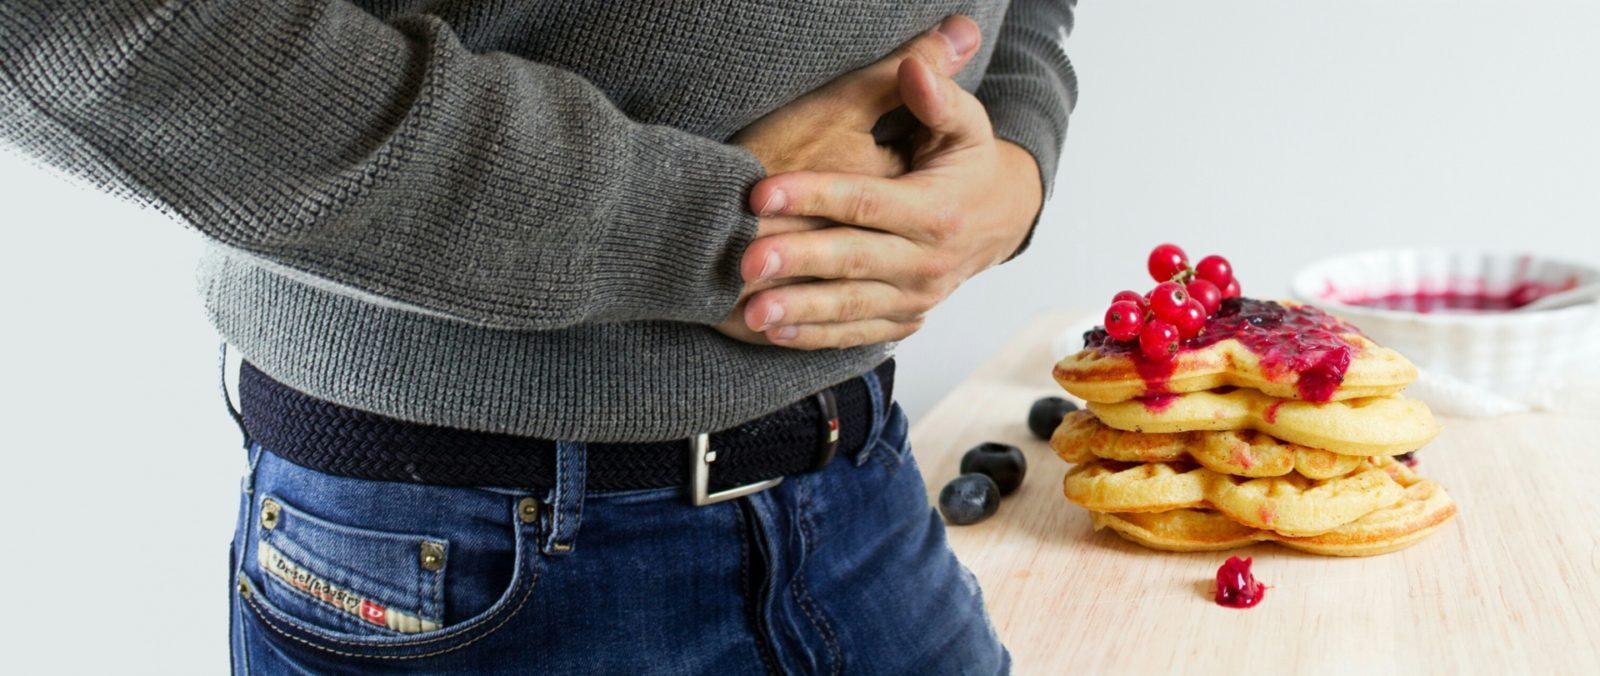 Польза и способы чистки организма для похудения в домашних условиях